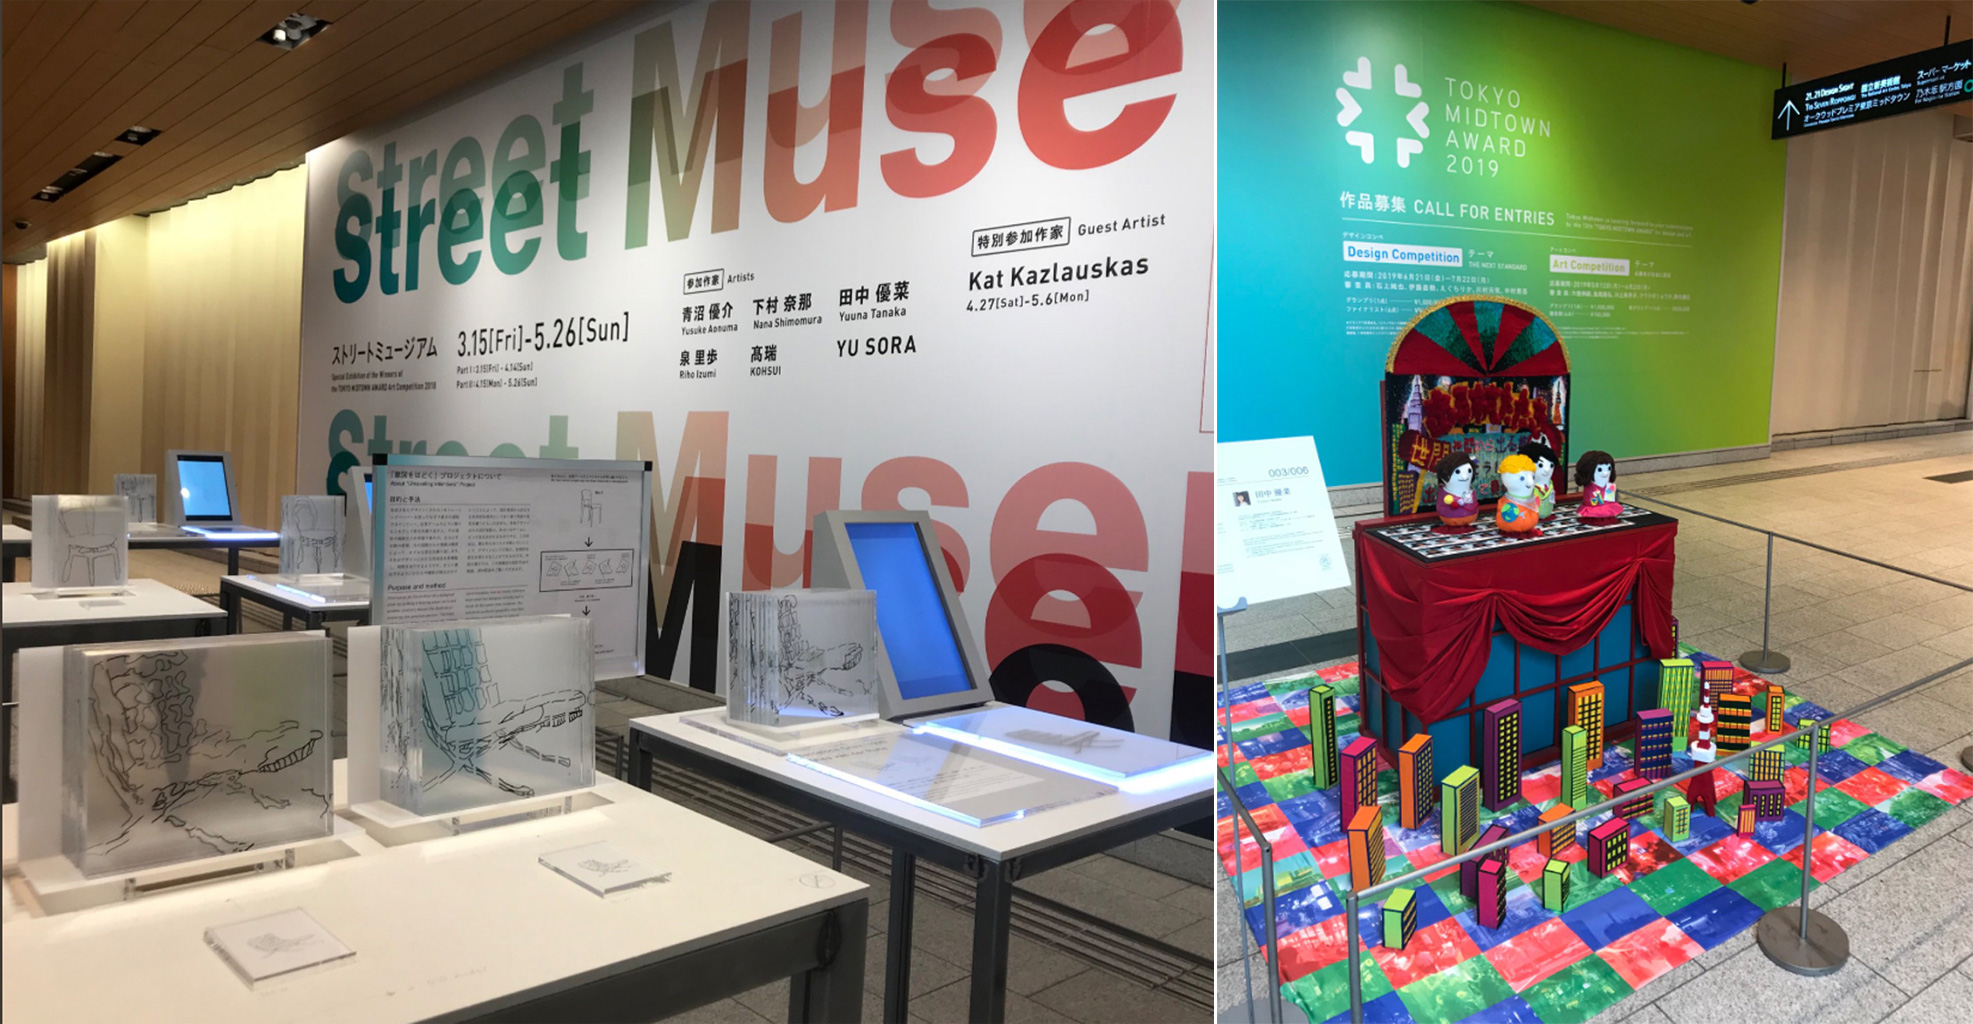 東京ミッドタウンで開催中の、TOKYO MIDTOWN AWARD 2018 アートコンペ受賞者新作展「Street Museum」。